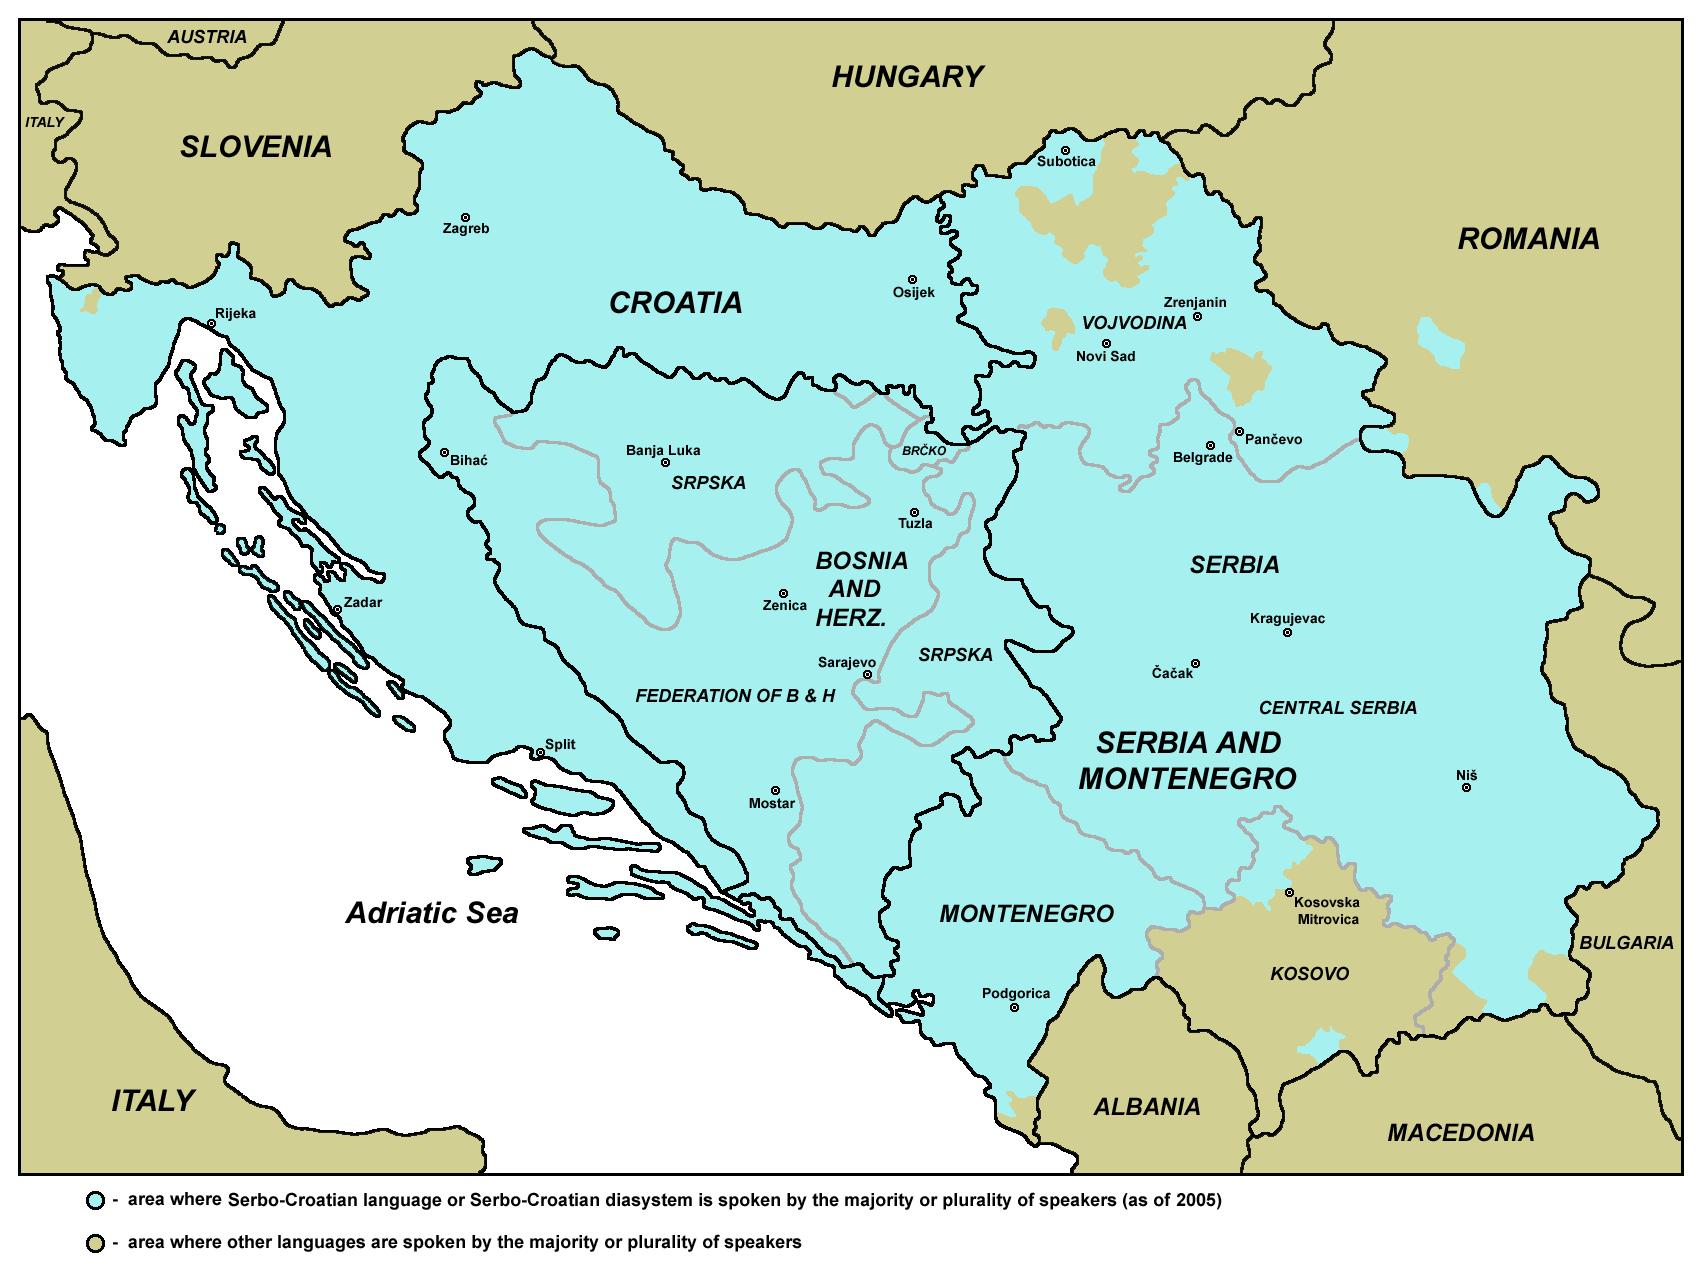 Karta područja na kojem se govore hrvatski, srpski, bosanski i crnogorski